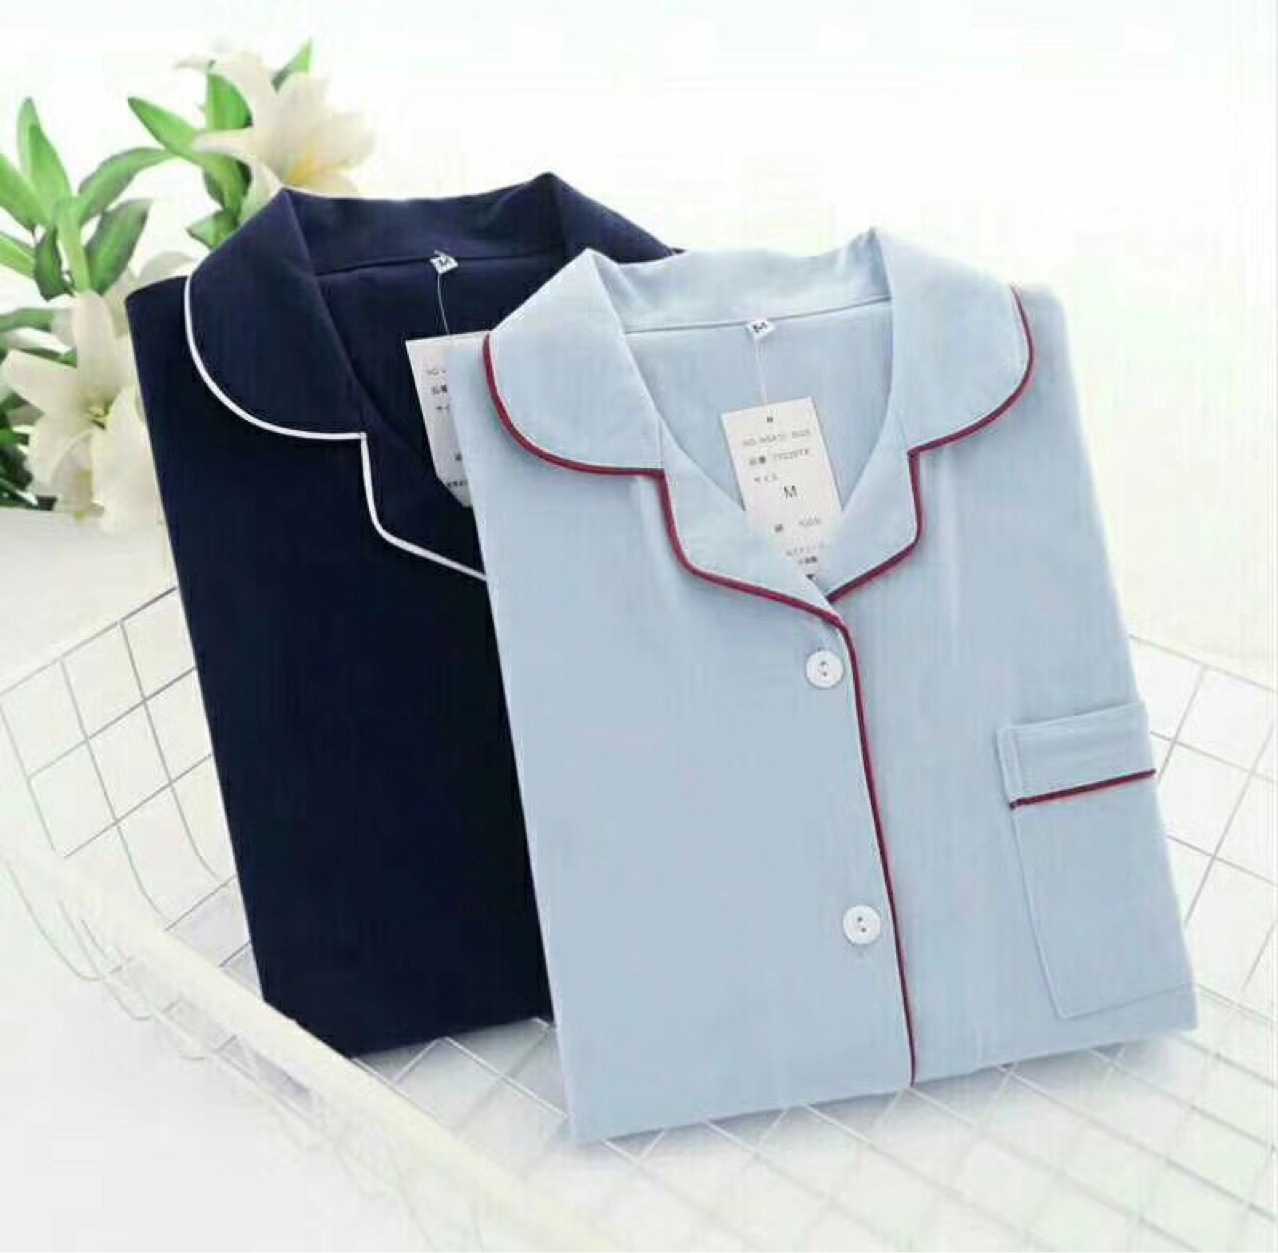 Cotton material Sleeping Suit Women Loungewear Women Women   Pajamas     Set   9472